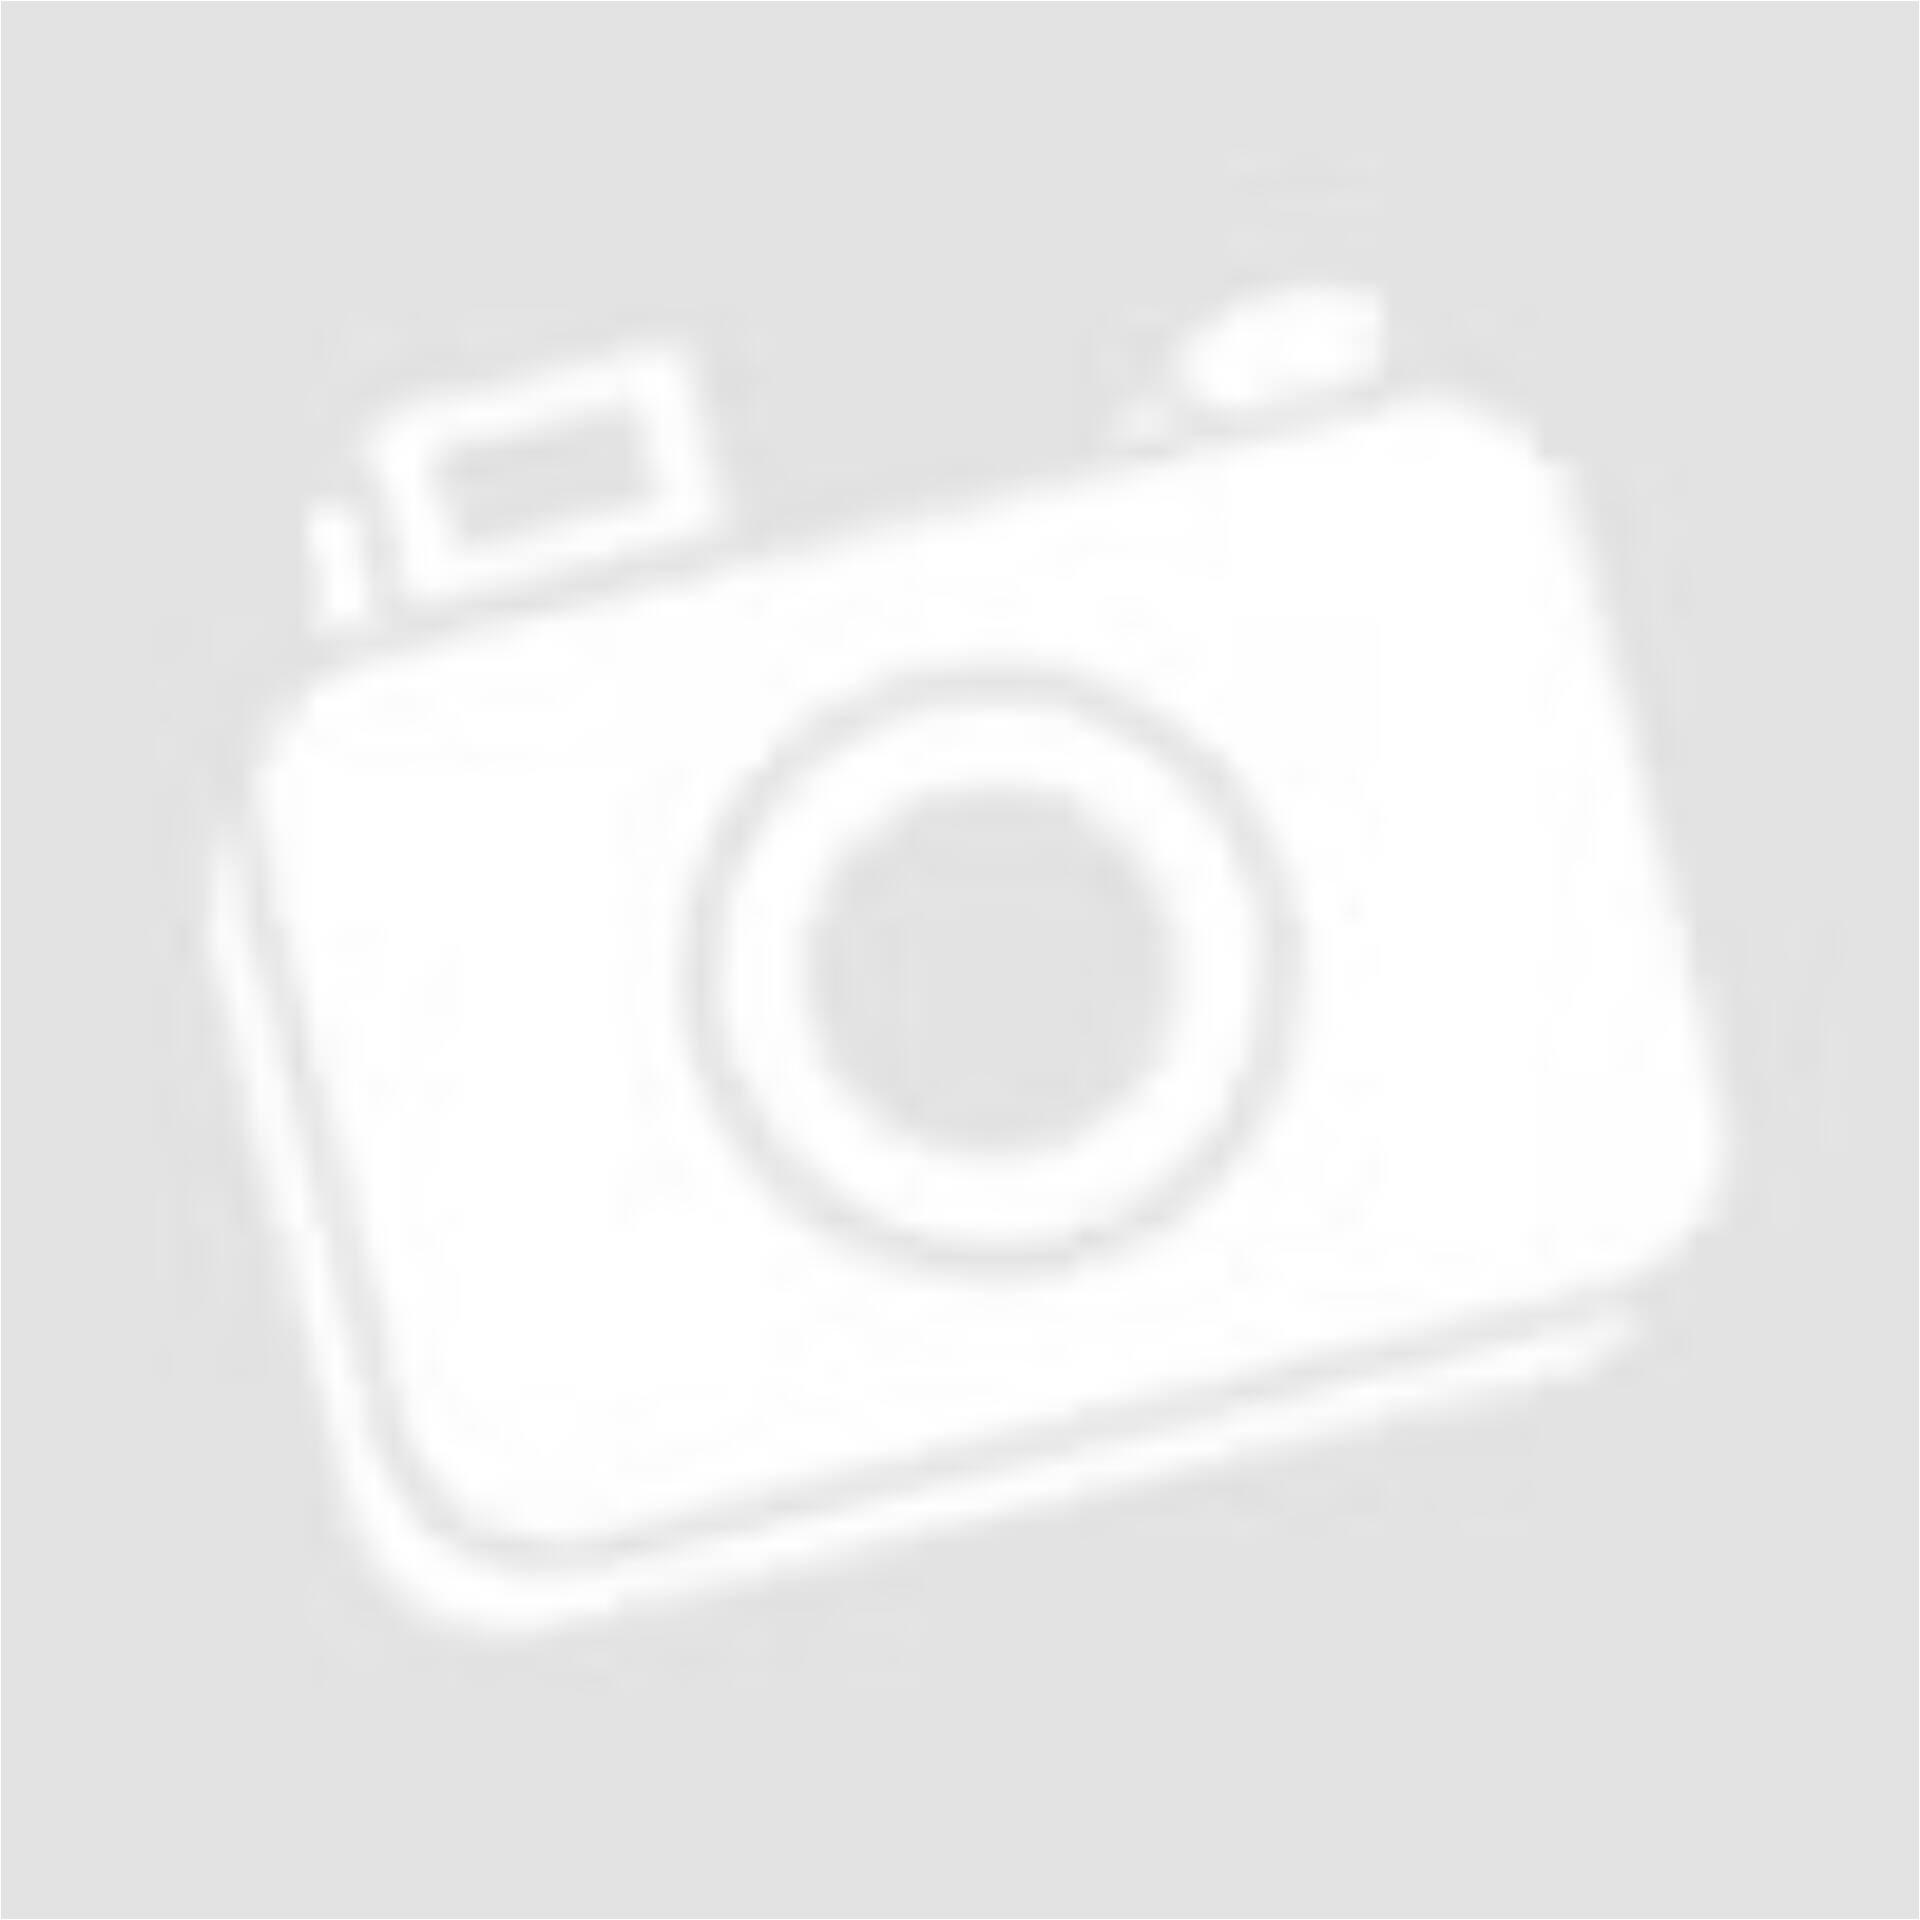 e253711f48 VERO MODA alkalmi blézer (Méret: S) - Női dzseki, kabát, blézer ...